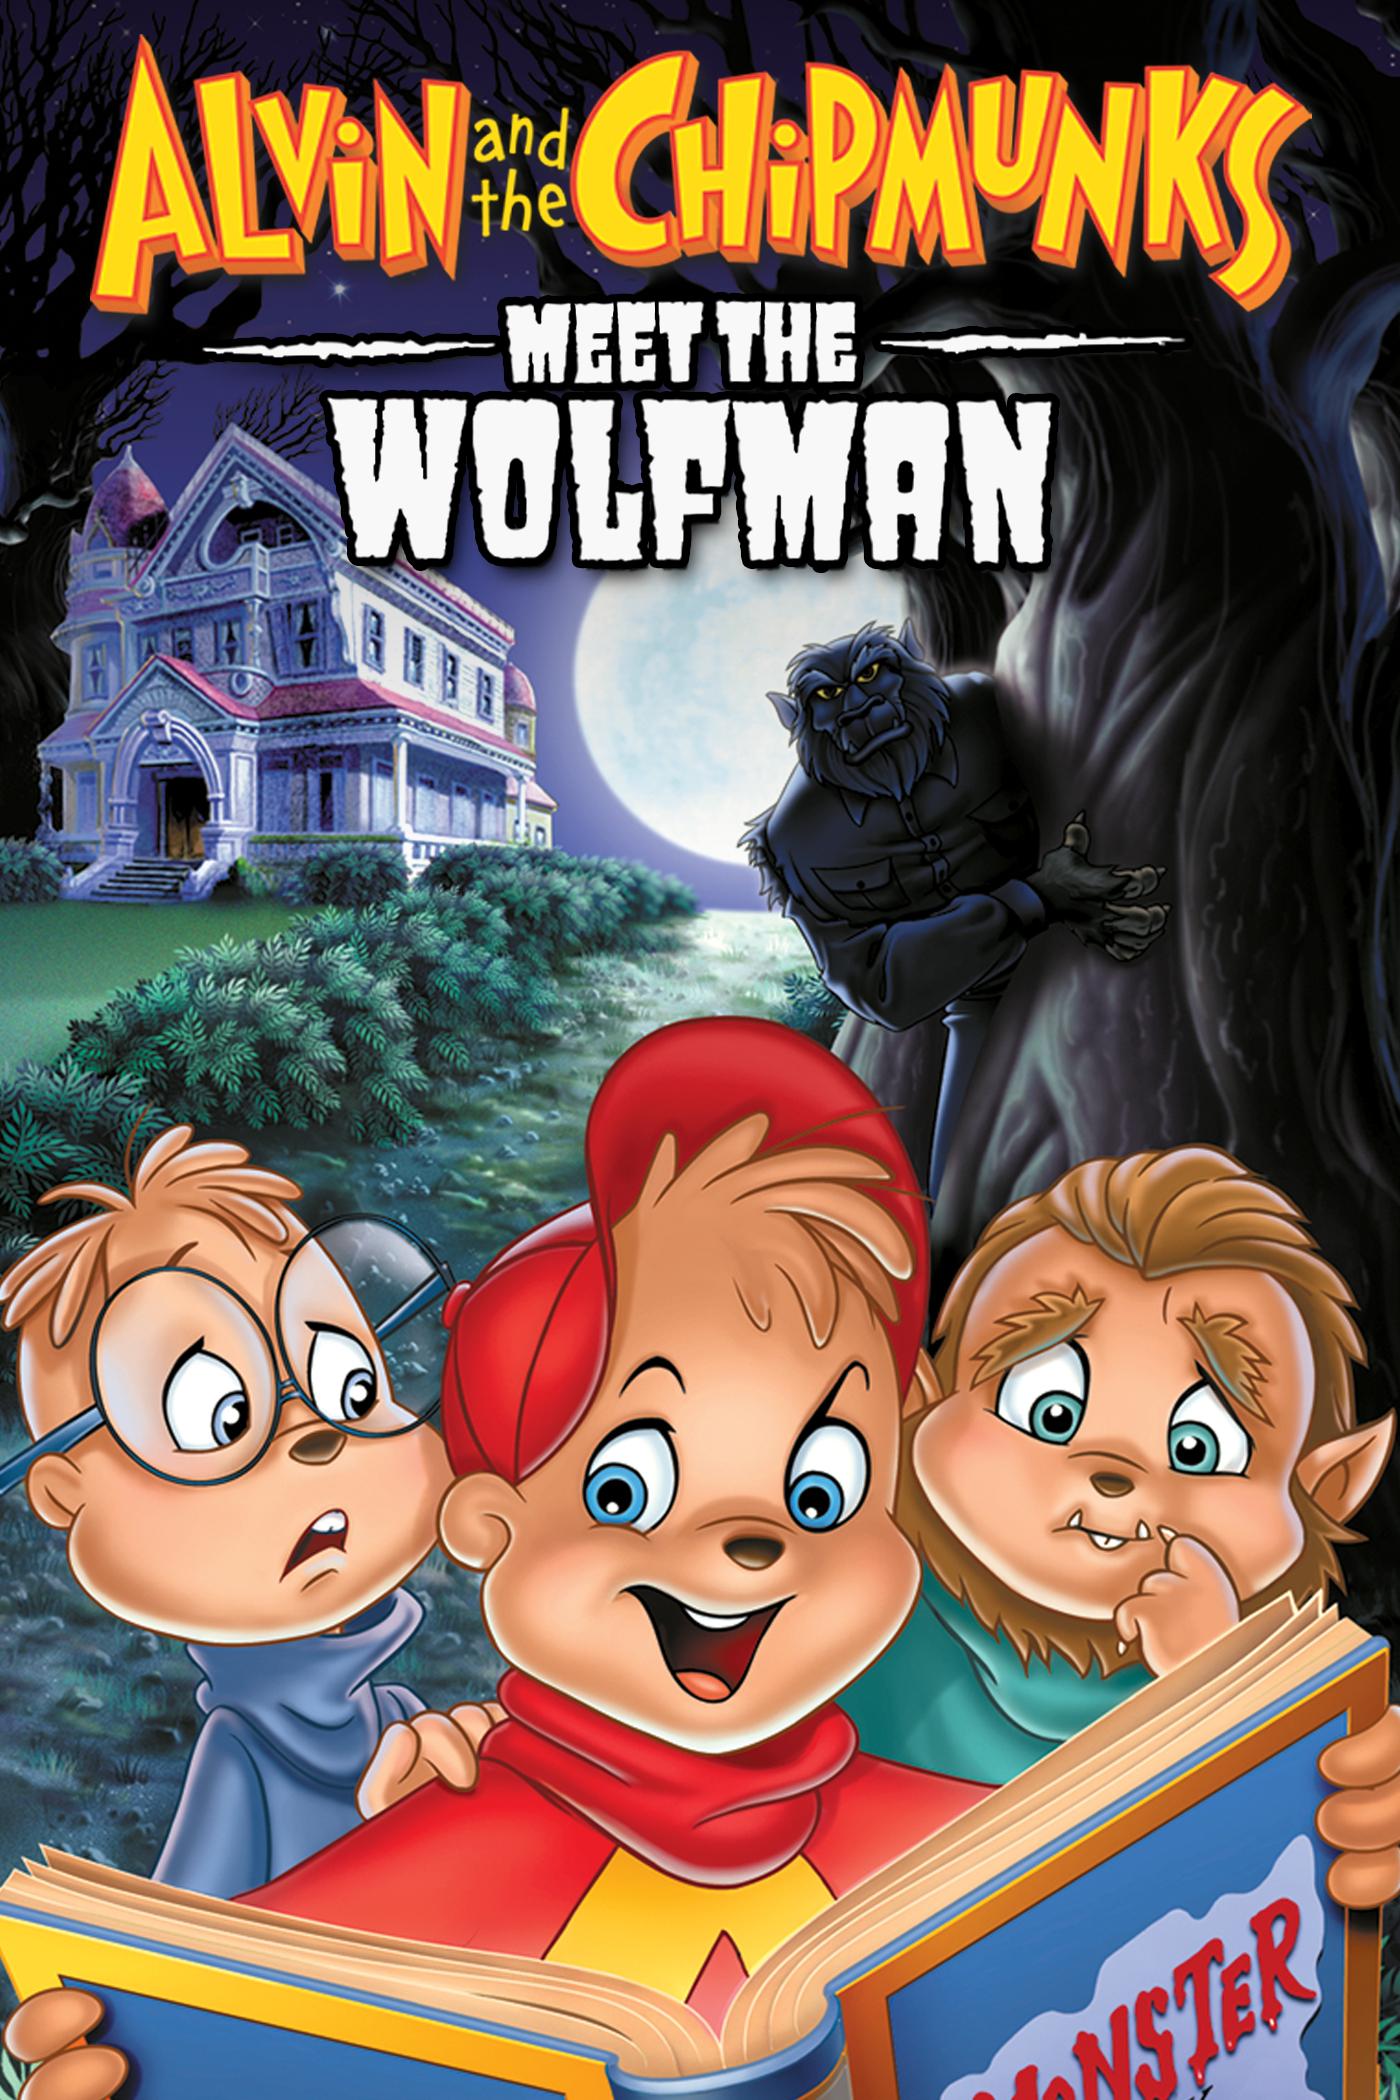 aatc meet the wolfman full movie